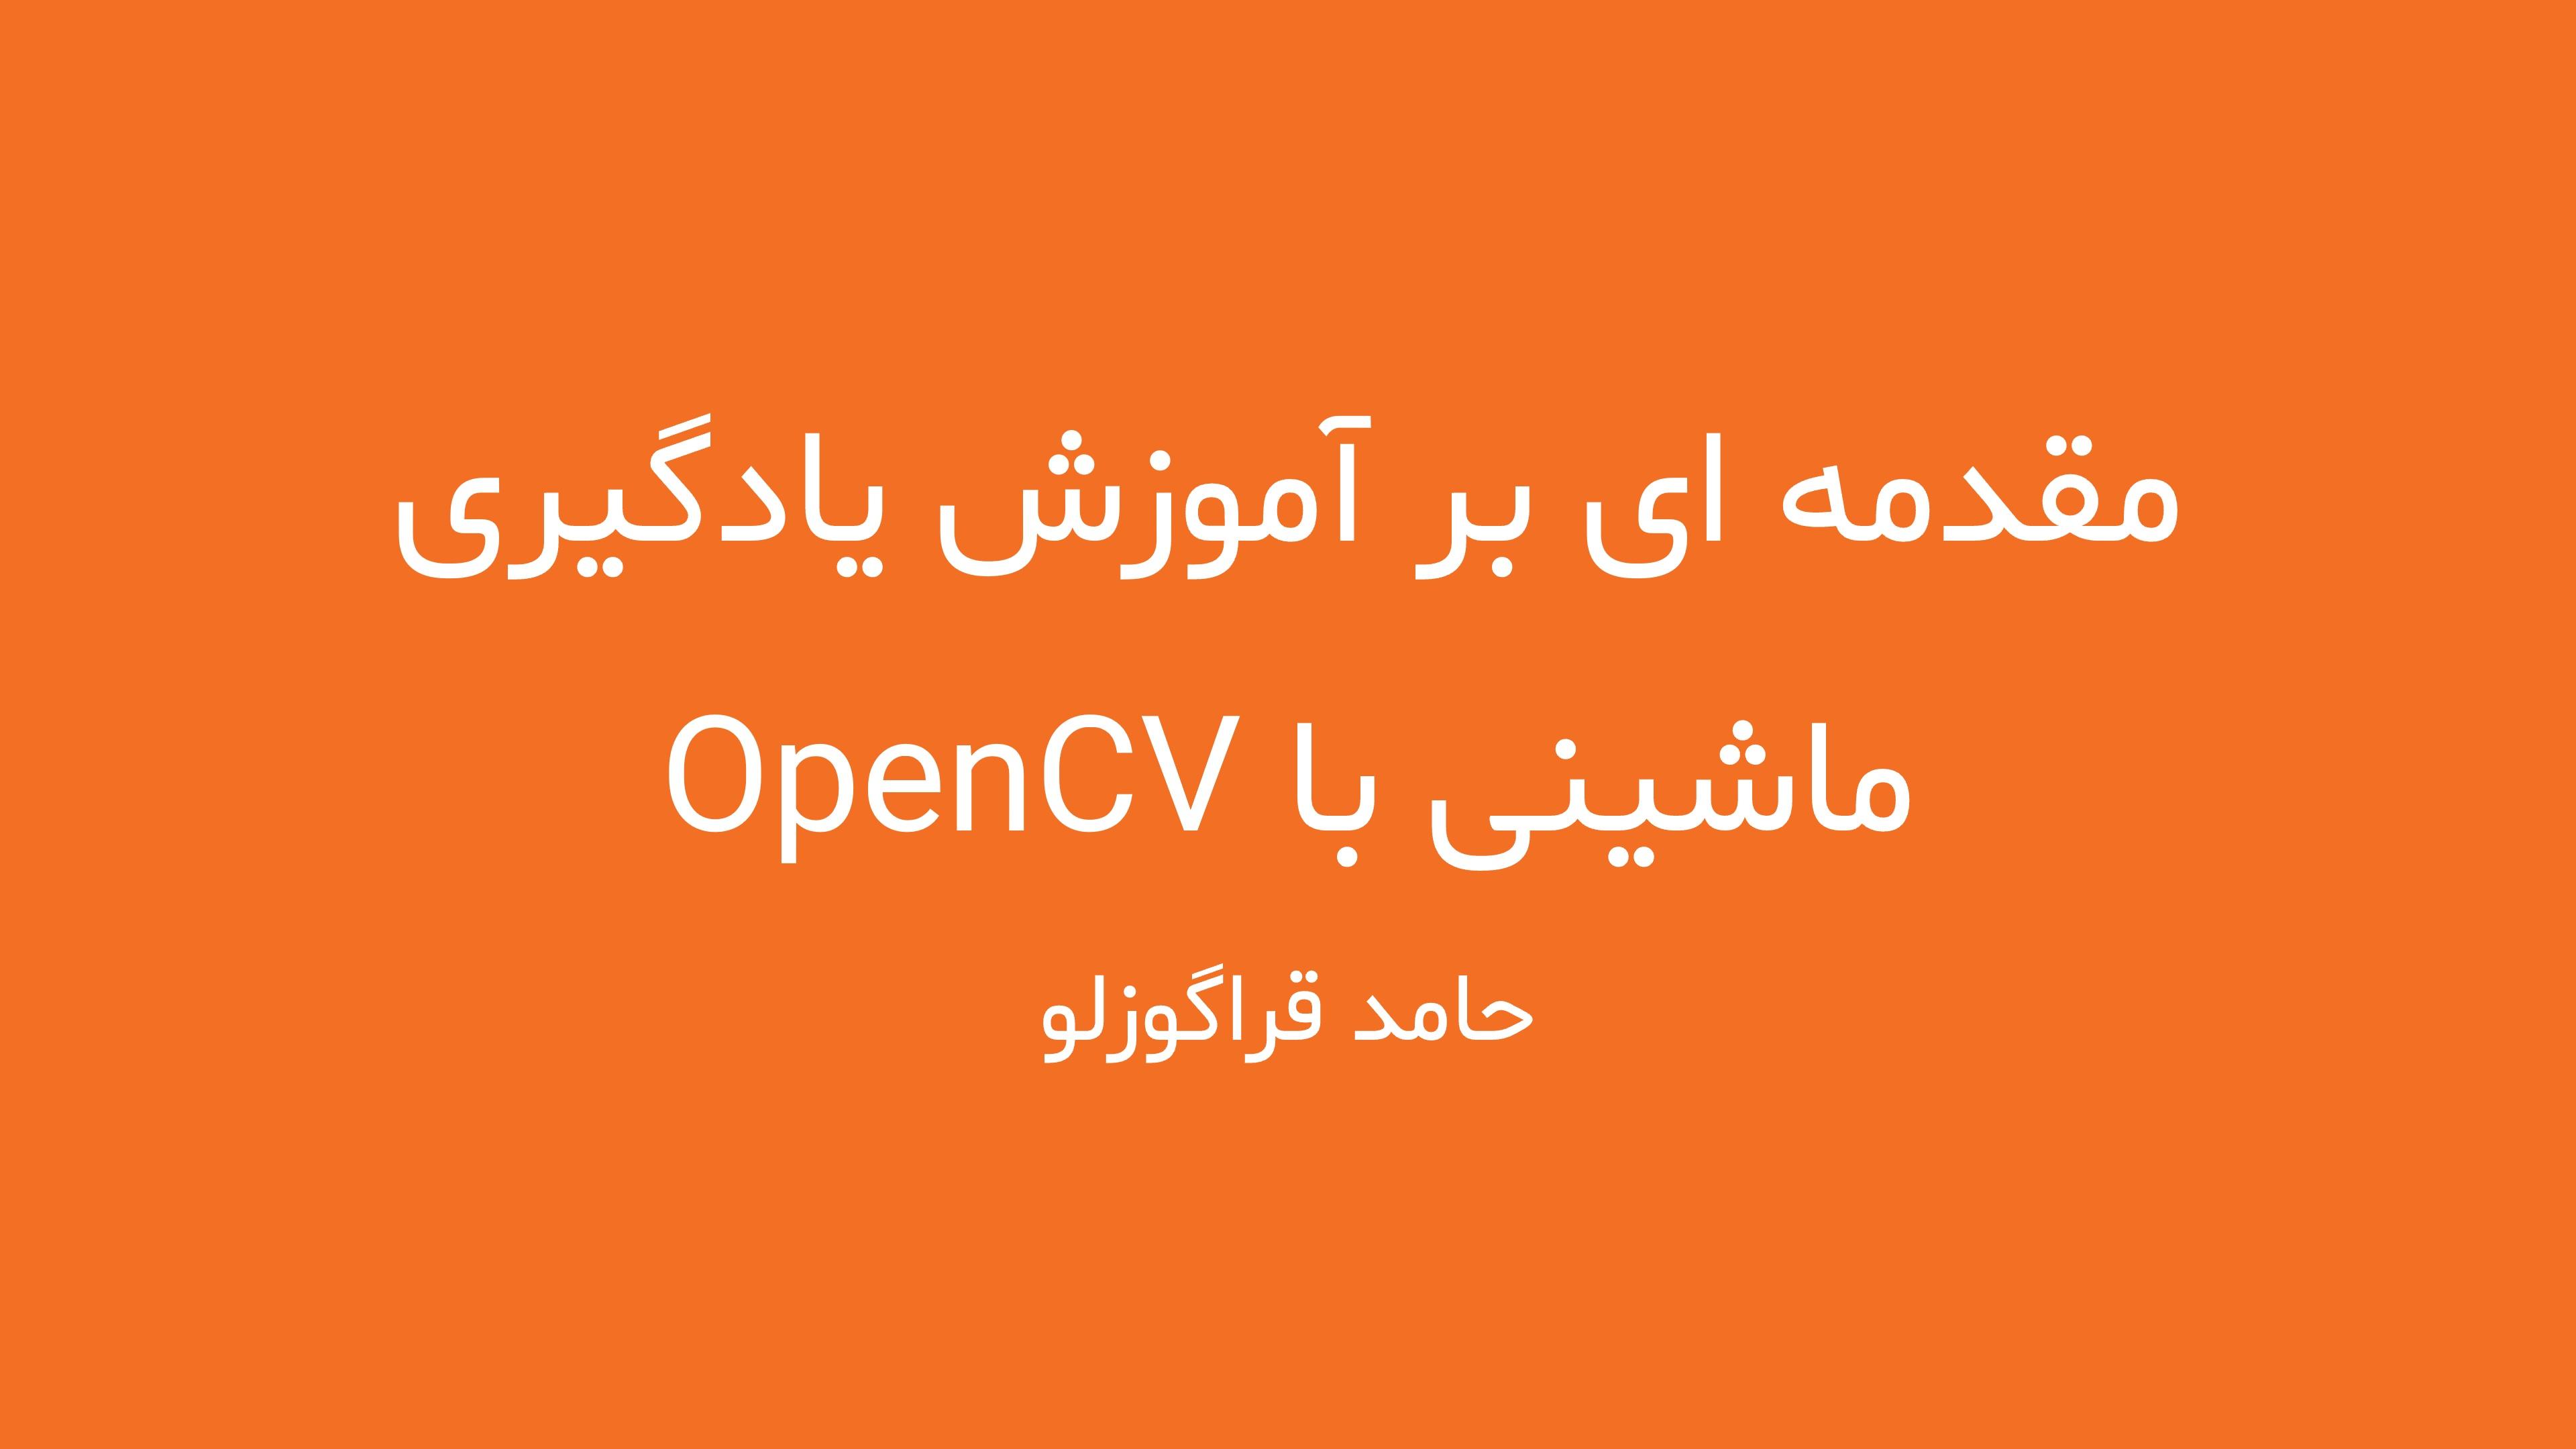 مقدمه ای بر آموزش یادگیری ماشینی با OpenCV